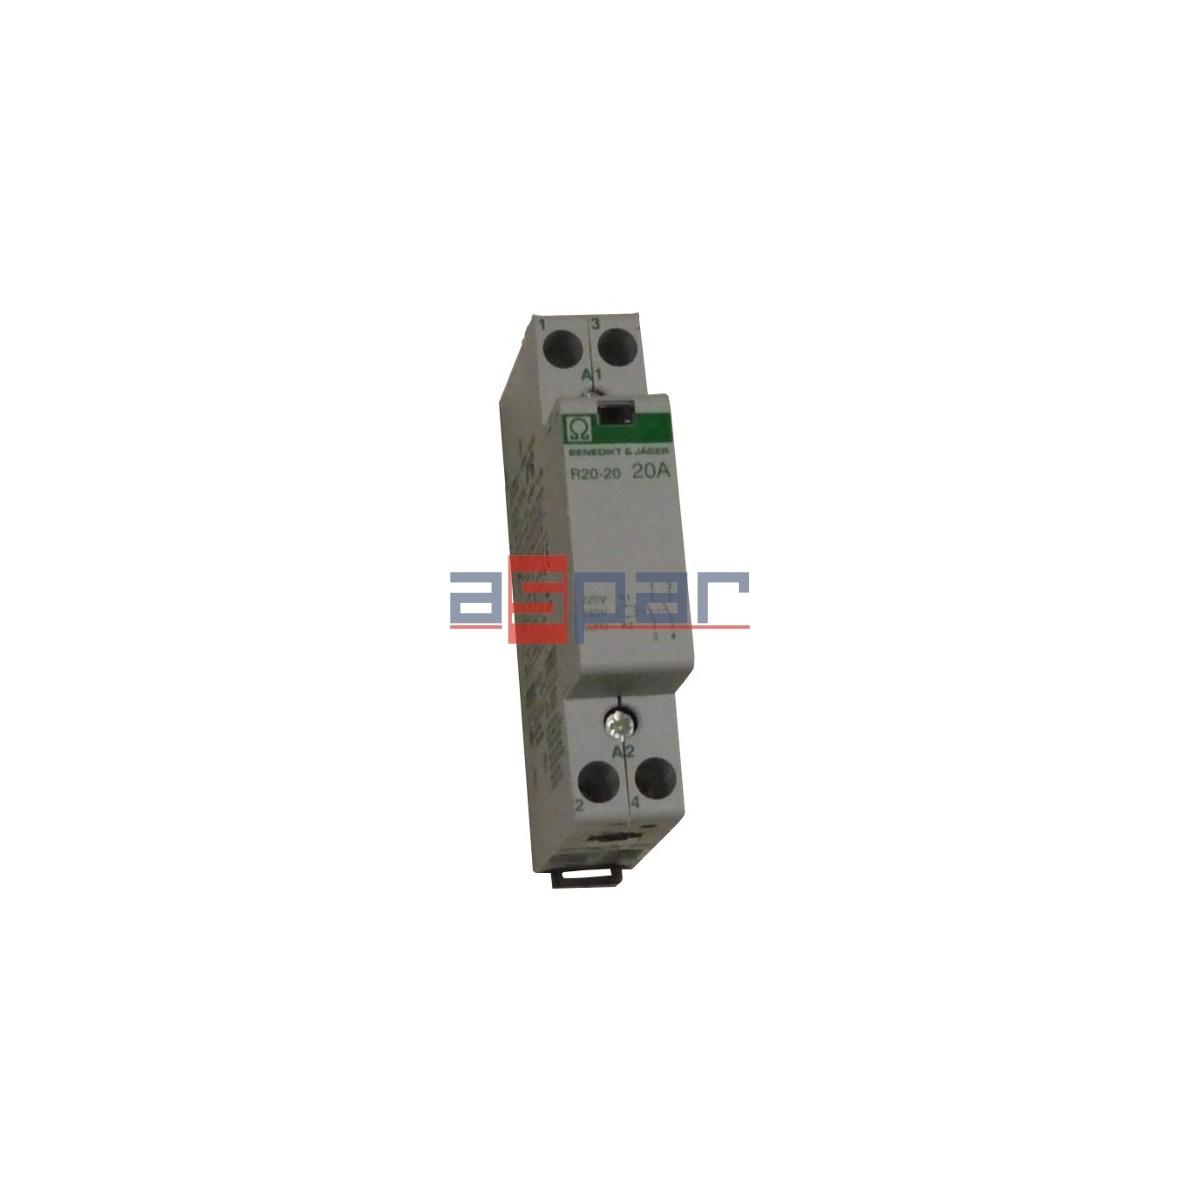 Stycznik modułowy 20A, 2-polowy, 2xNO, 230VAC, R20-20-230-000